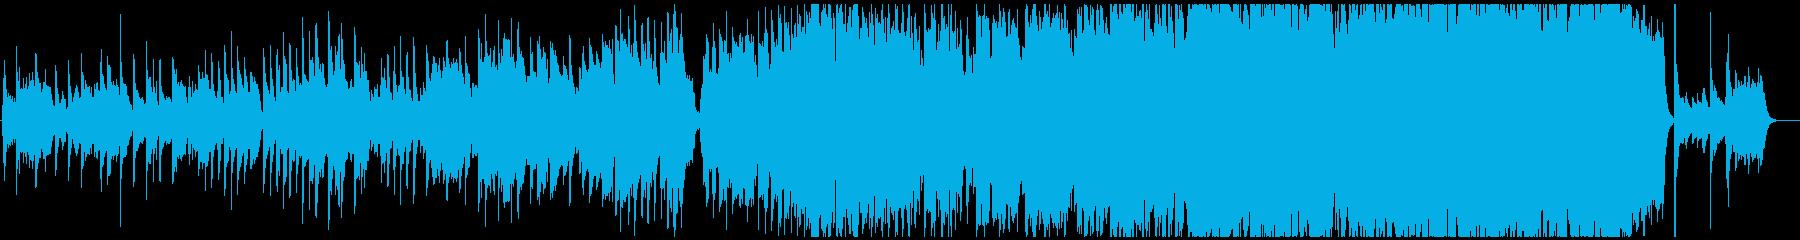 ヴァイオリン主体の切ない系バラードの再生済みの波形